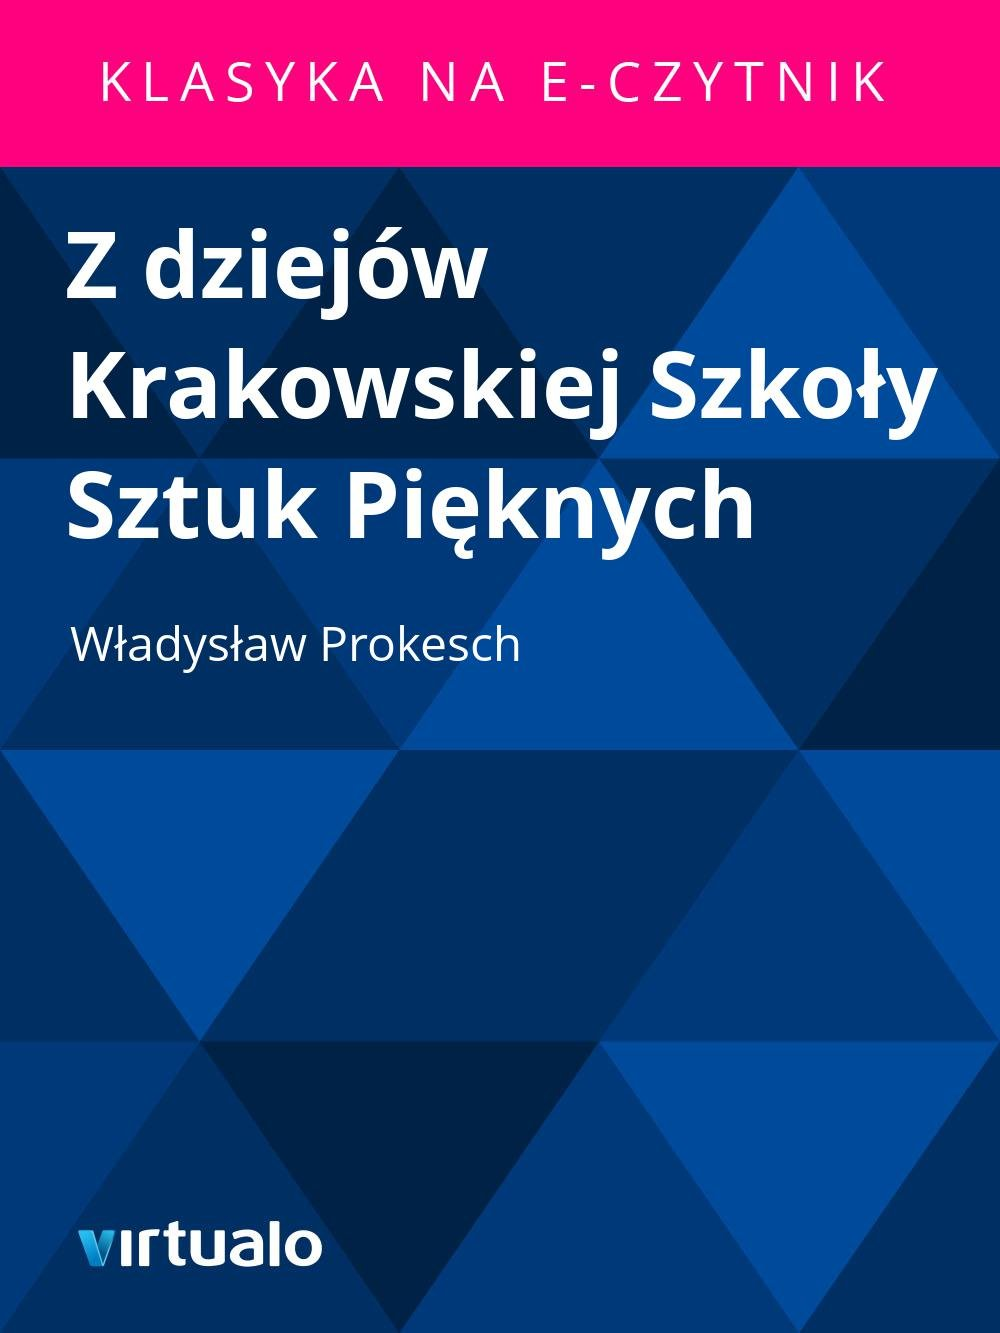 Z dziejów Krakowskiej Szkoły Sztuk Pięknych - Ebook (Książka EPUB) do pobrania w formacie EPUB